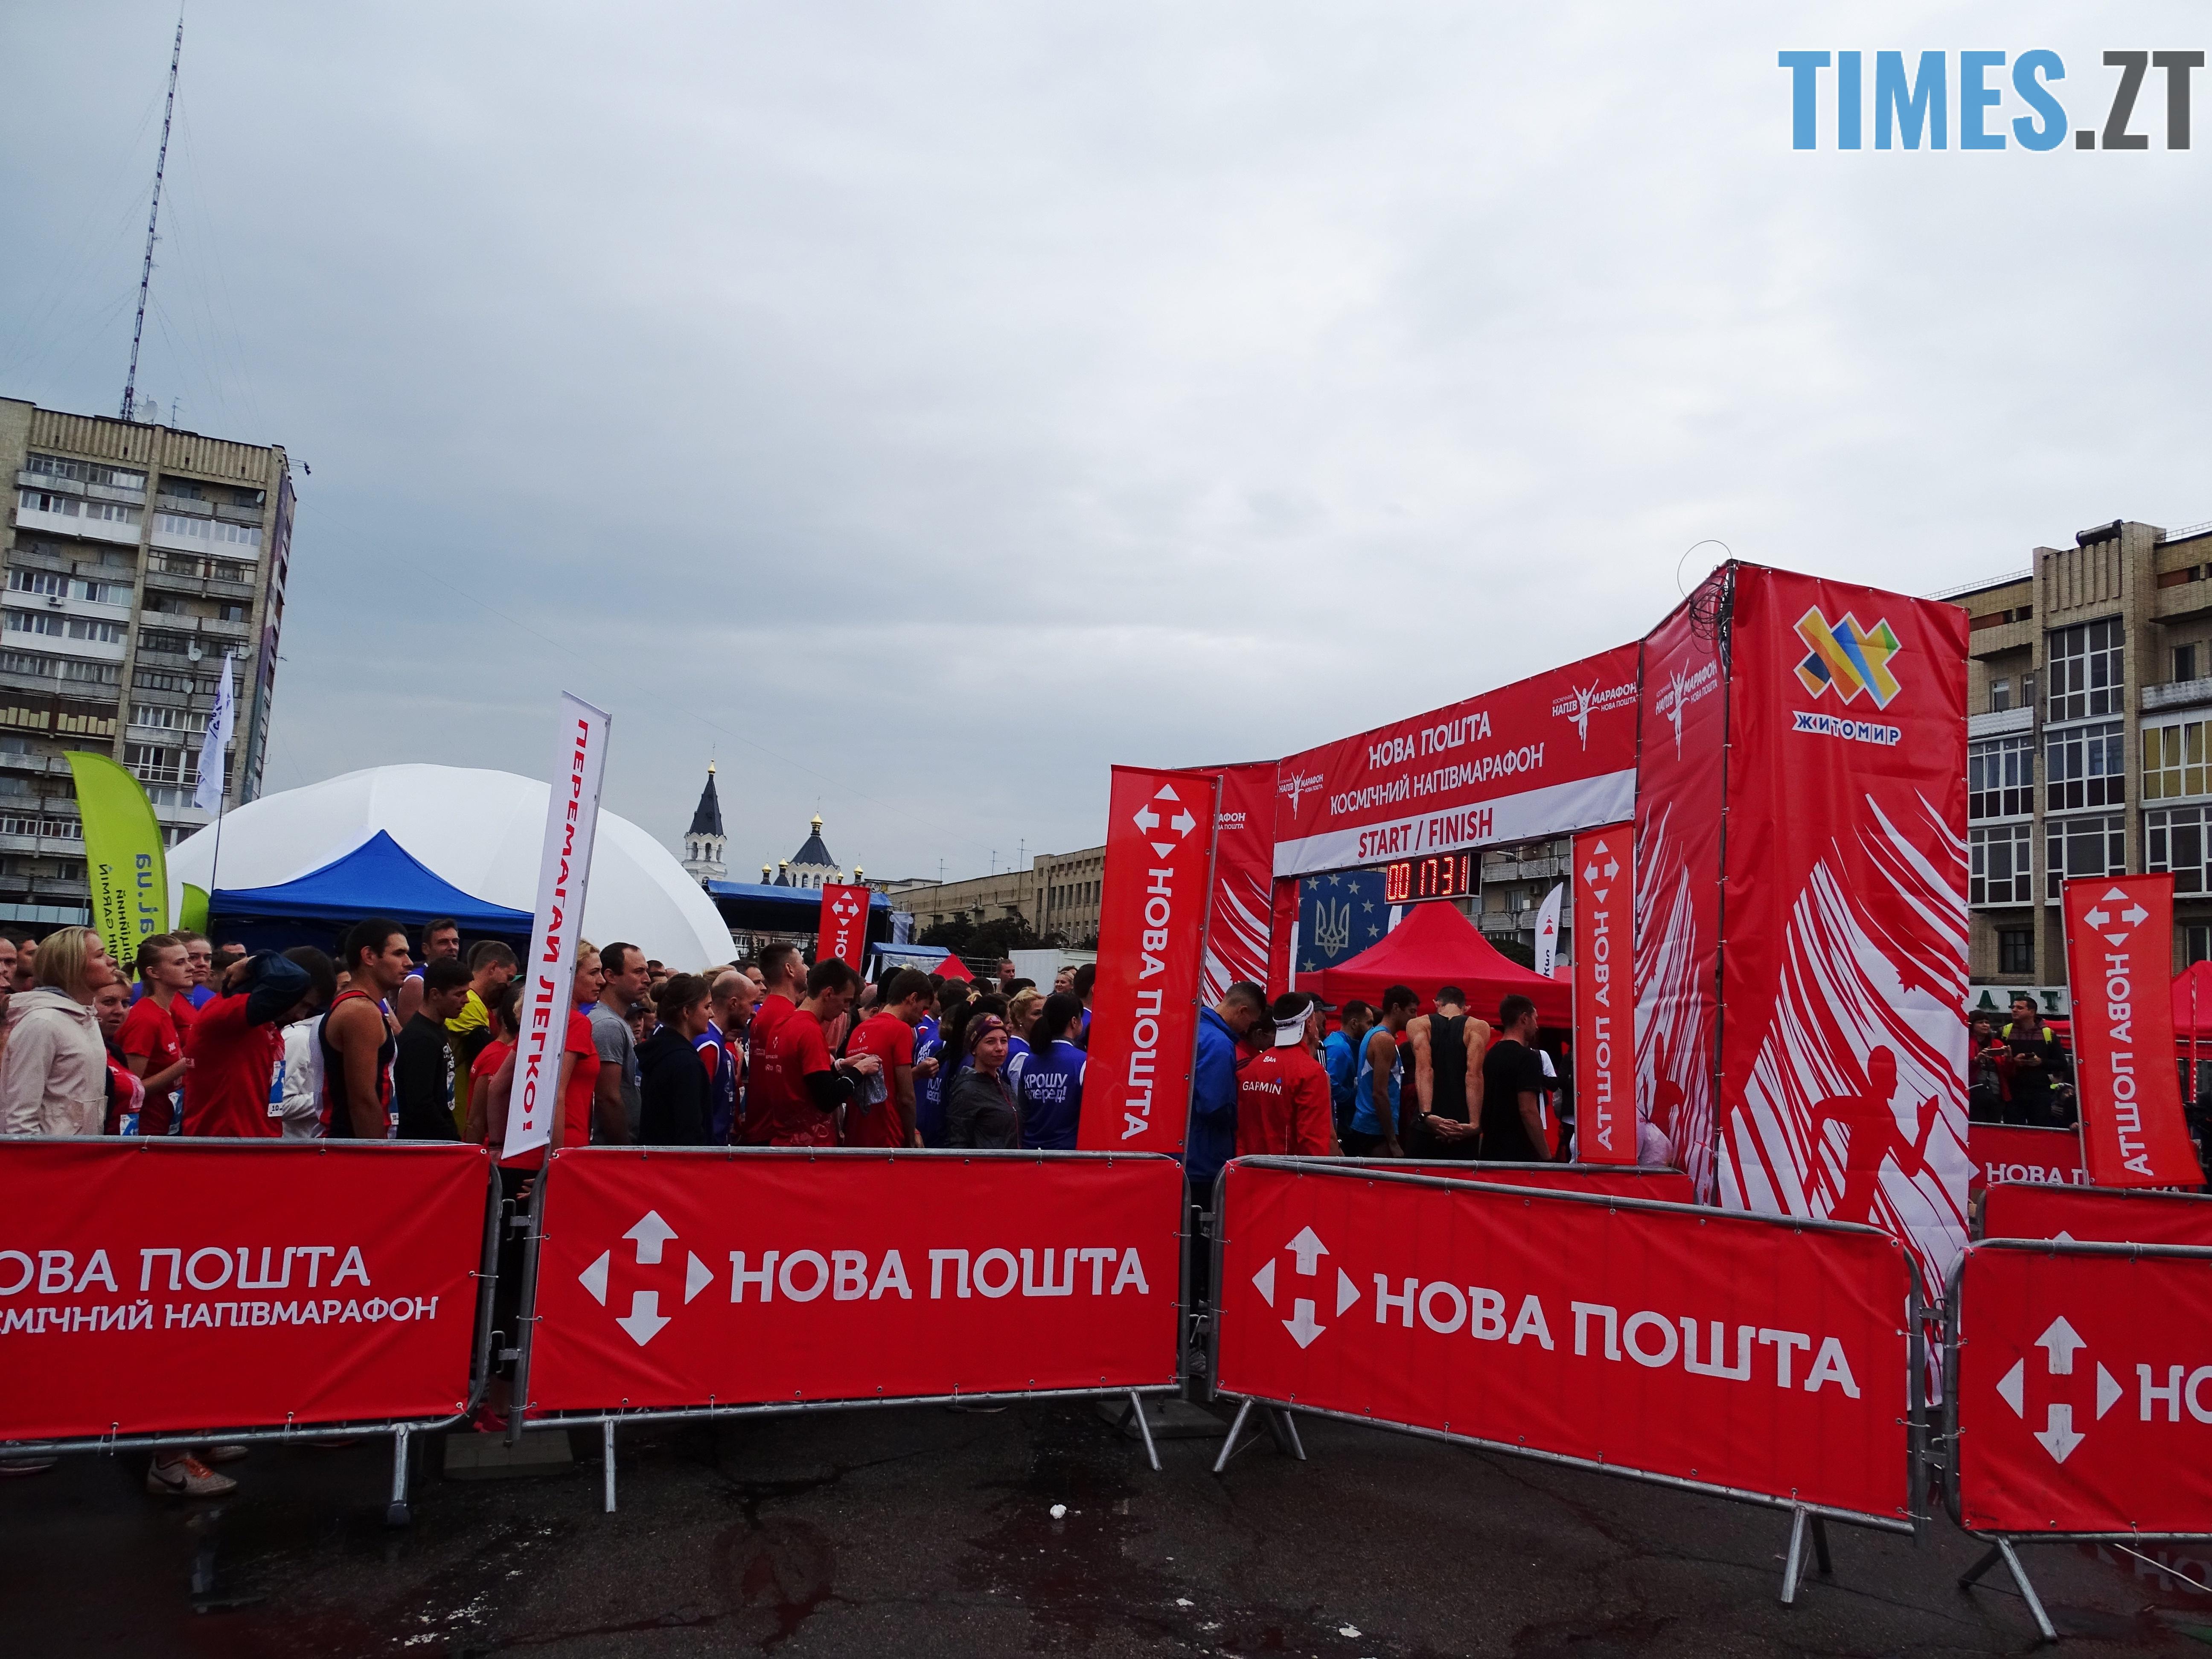 10 км - У Житомирі втретє відбувся Космічний напівмарафон: враження та фото учасників забігів (ВІДЕО)